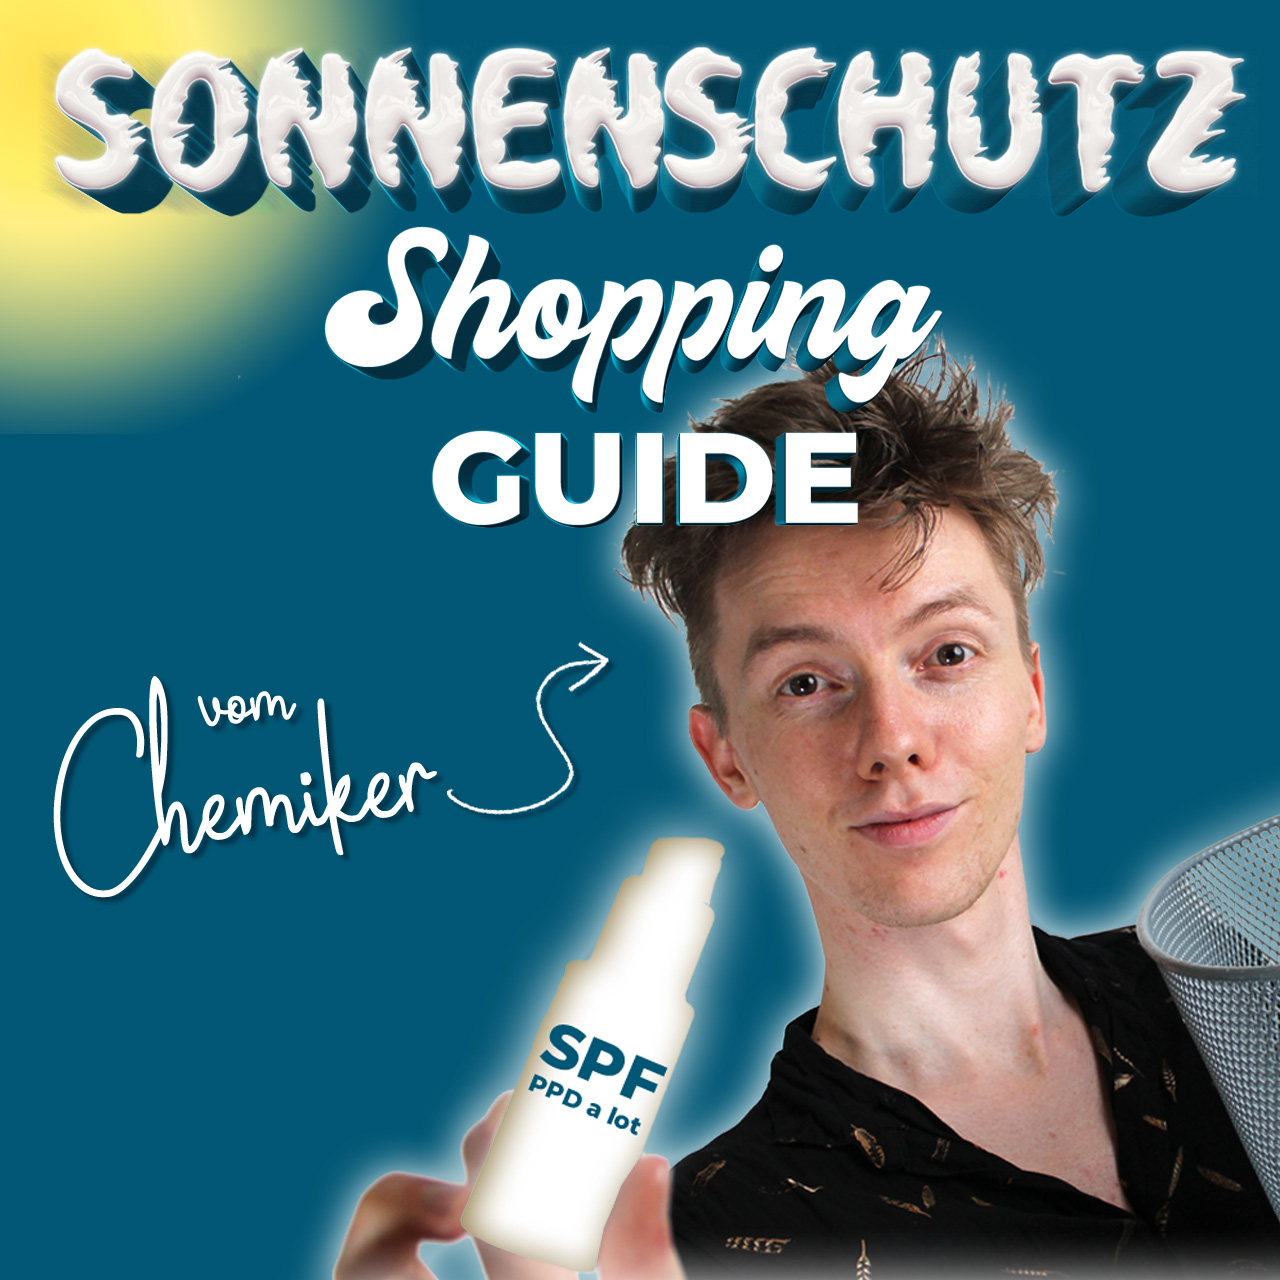 Sonnenschutz Guide beste Sonnencreme Gesicht Test Empfehlung Erfahrungen Review Chemiker empfiehlt